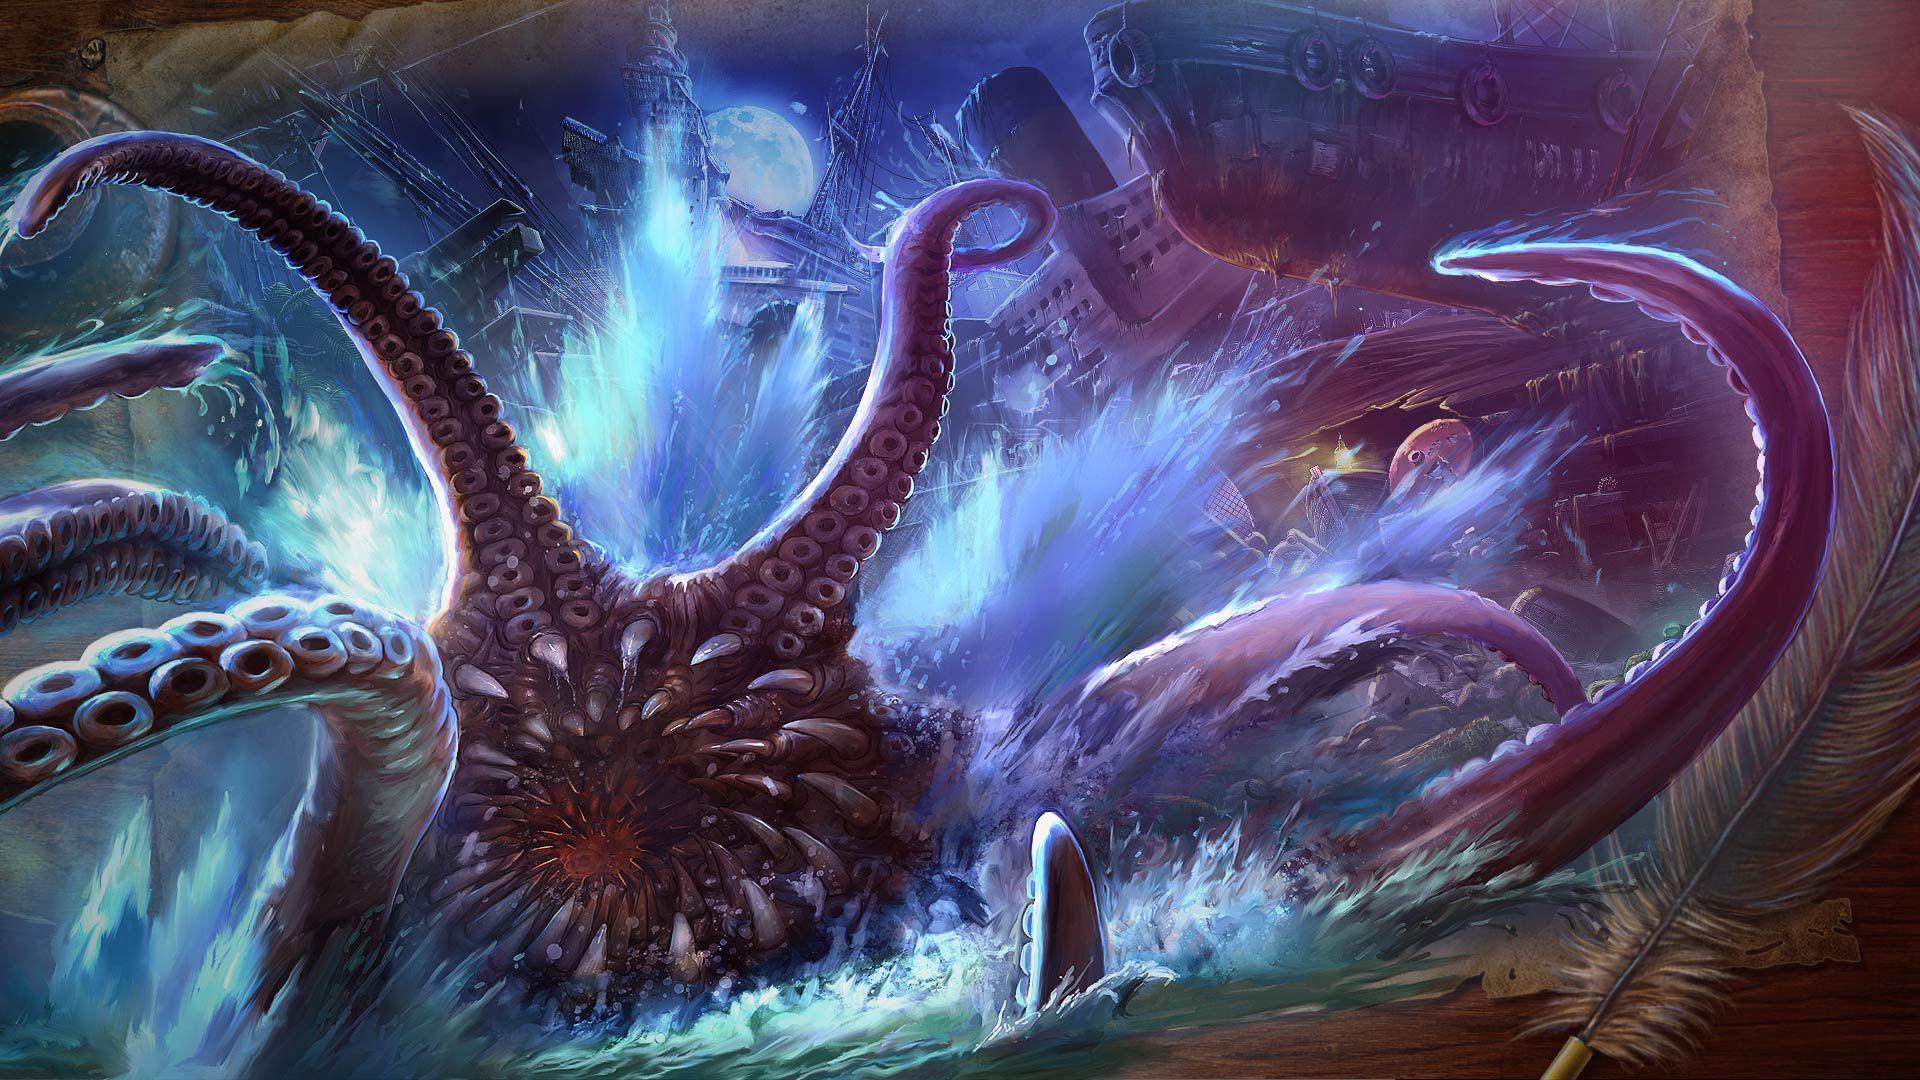 Nightmares From The Deep The Siren S Call Wallpaper Kraken Pirates Yarr Wallpaper Vox Machina Nightmare